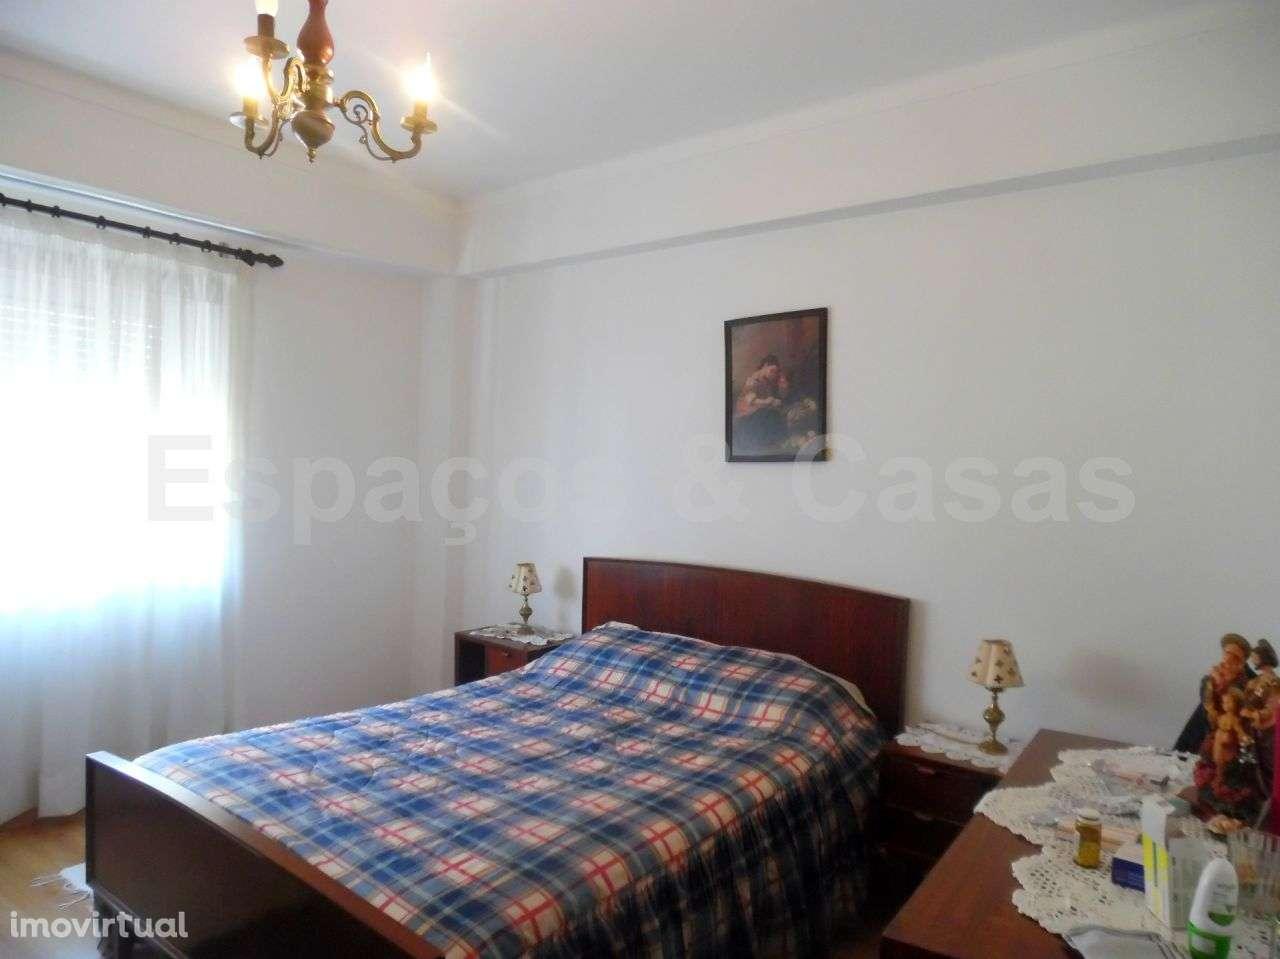 Apartamento para comprar, Buarcos e São Julião, Figueira da Foz, Coimbra - Foto 8